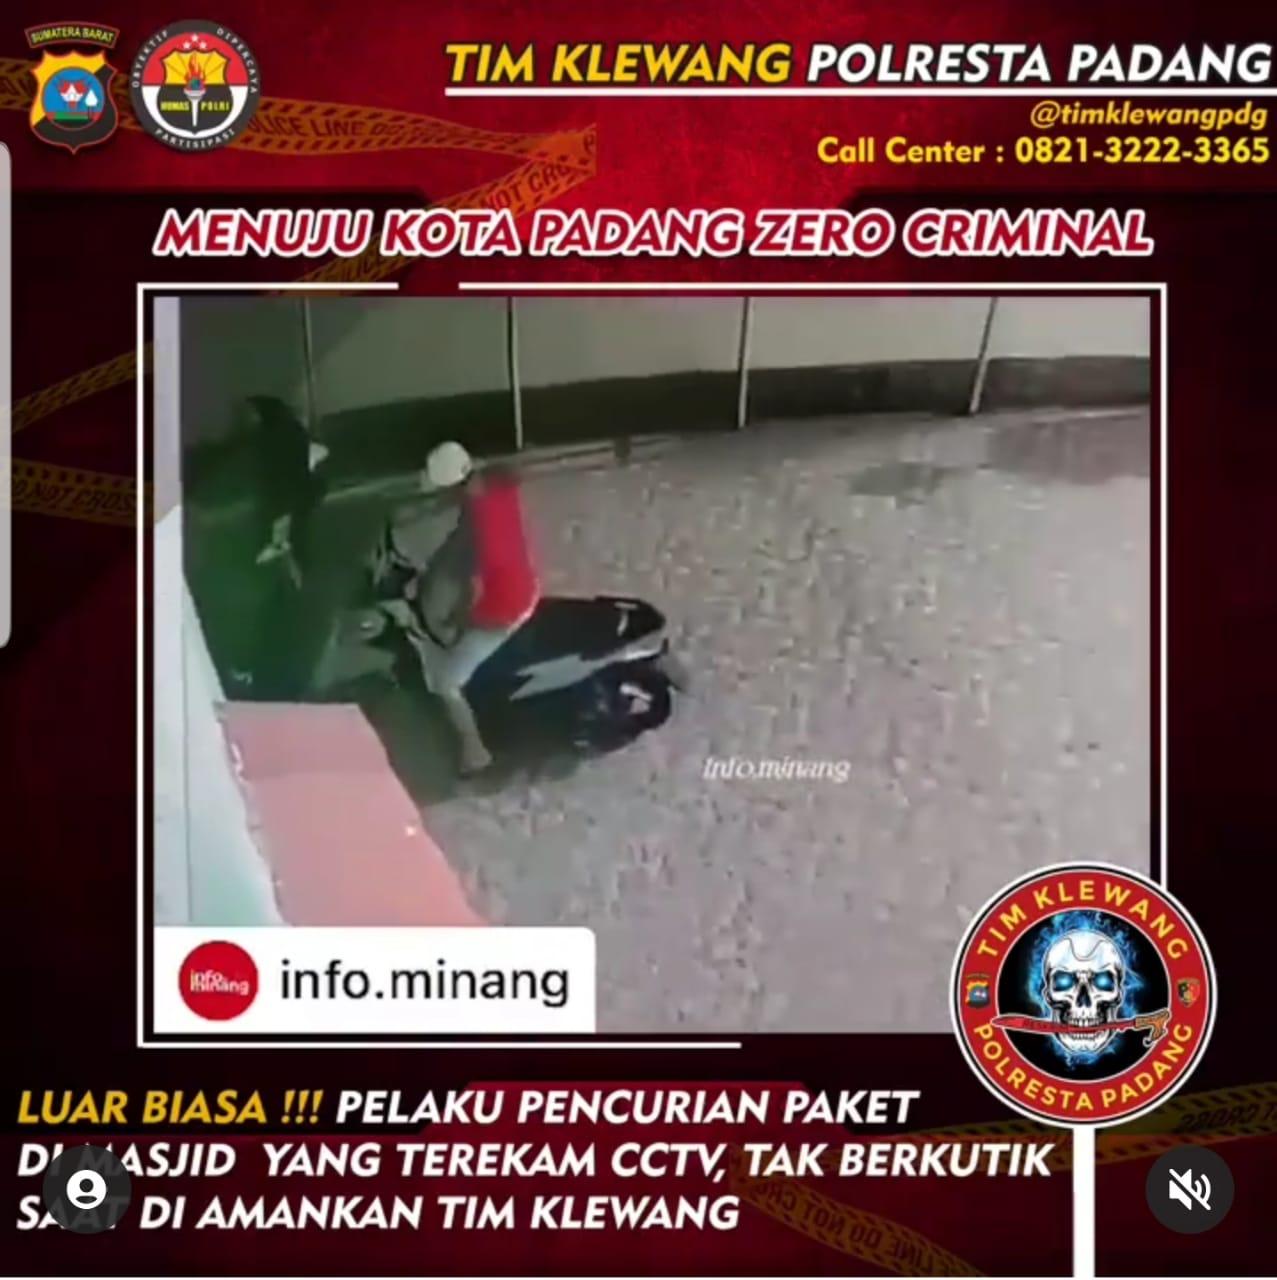 Terekam kamera pengawas CCTV, pelaku pencurian pake ini tak berkutik saat disergap tim Klewang Polresta Padang